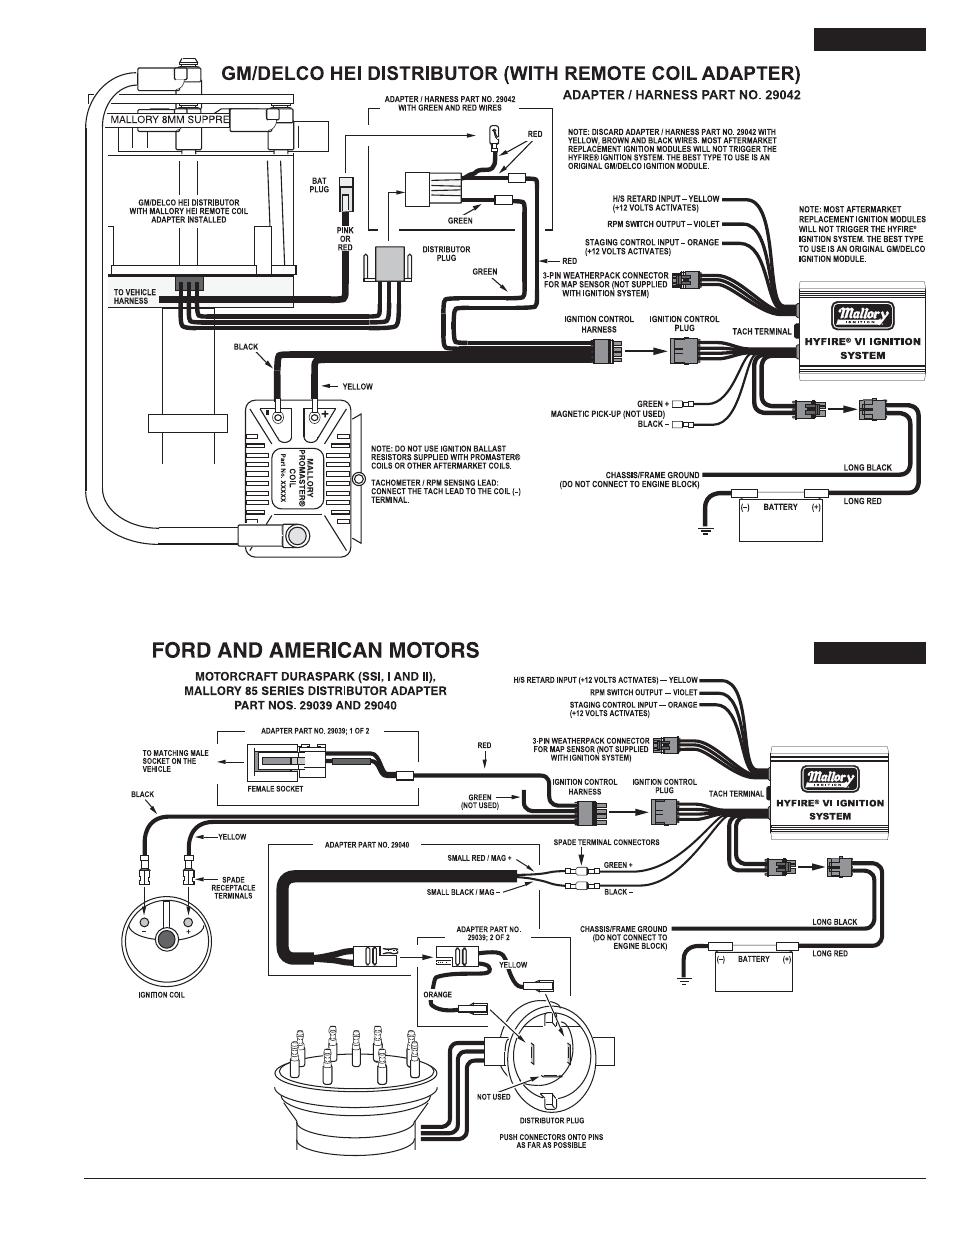 Mallory Hyfire Vi Wiring Diagram on mallory furniture, mallory gauges, mallory battery, mallory electronics, mallory resistors,